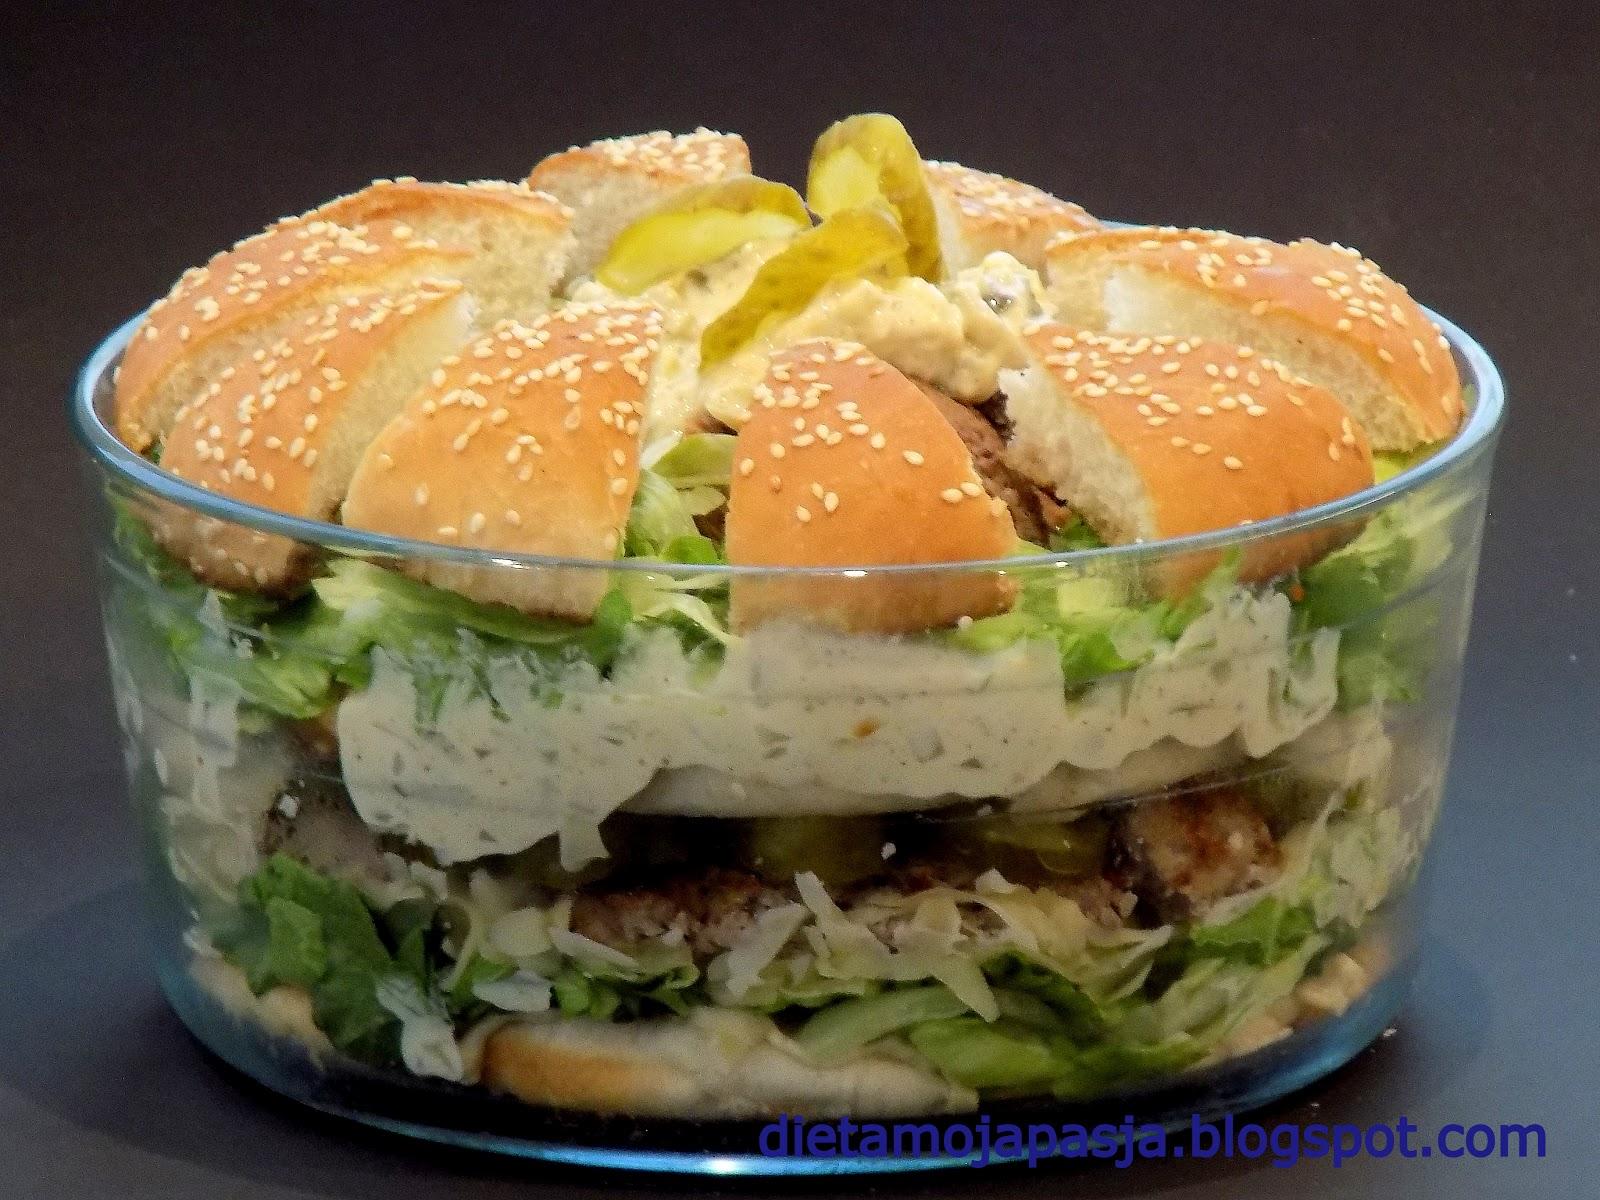 Pyszna sałatka z burgerem